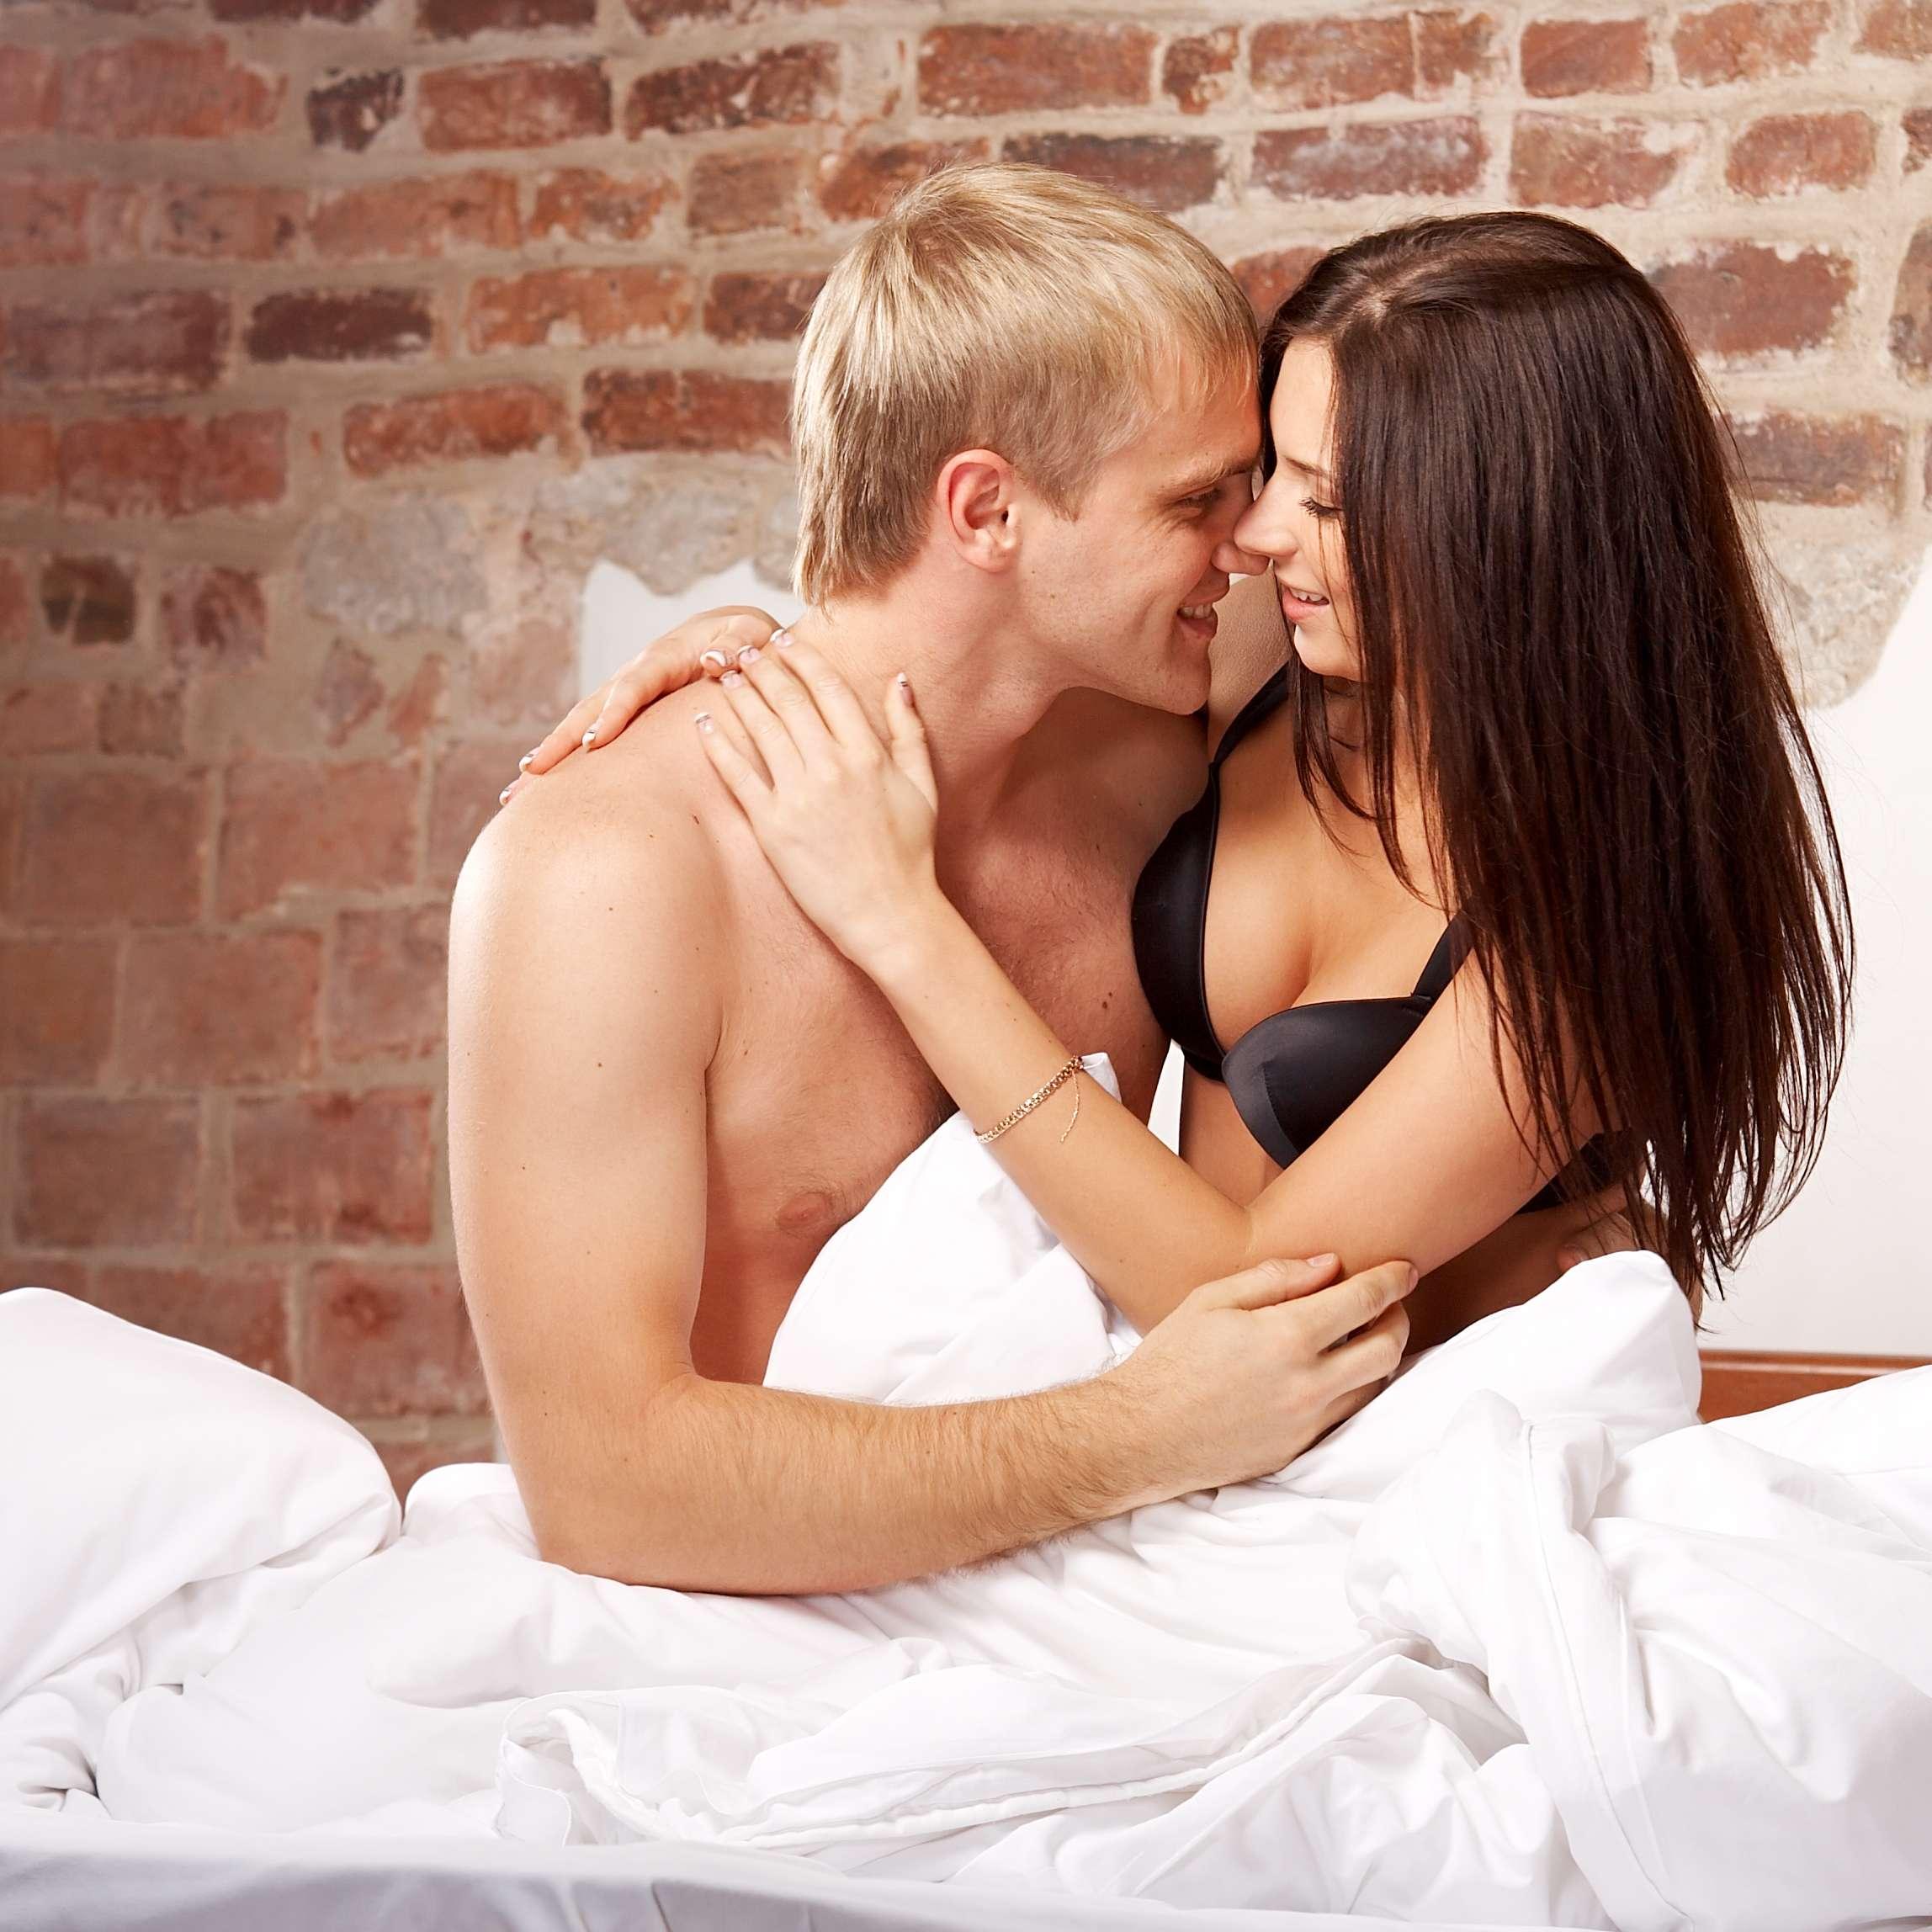 Преимущества оральный секс 23 фотография